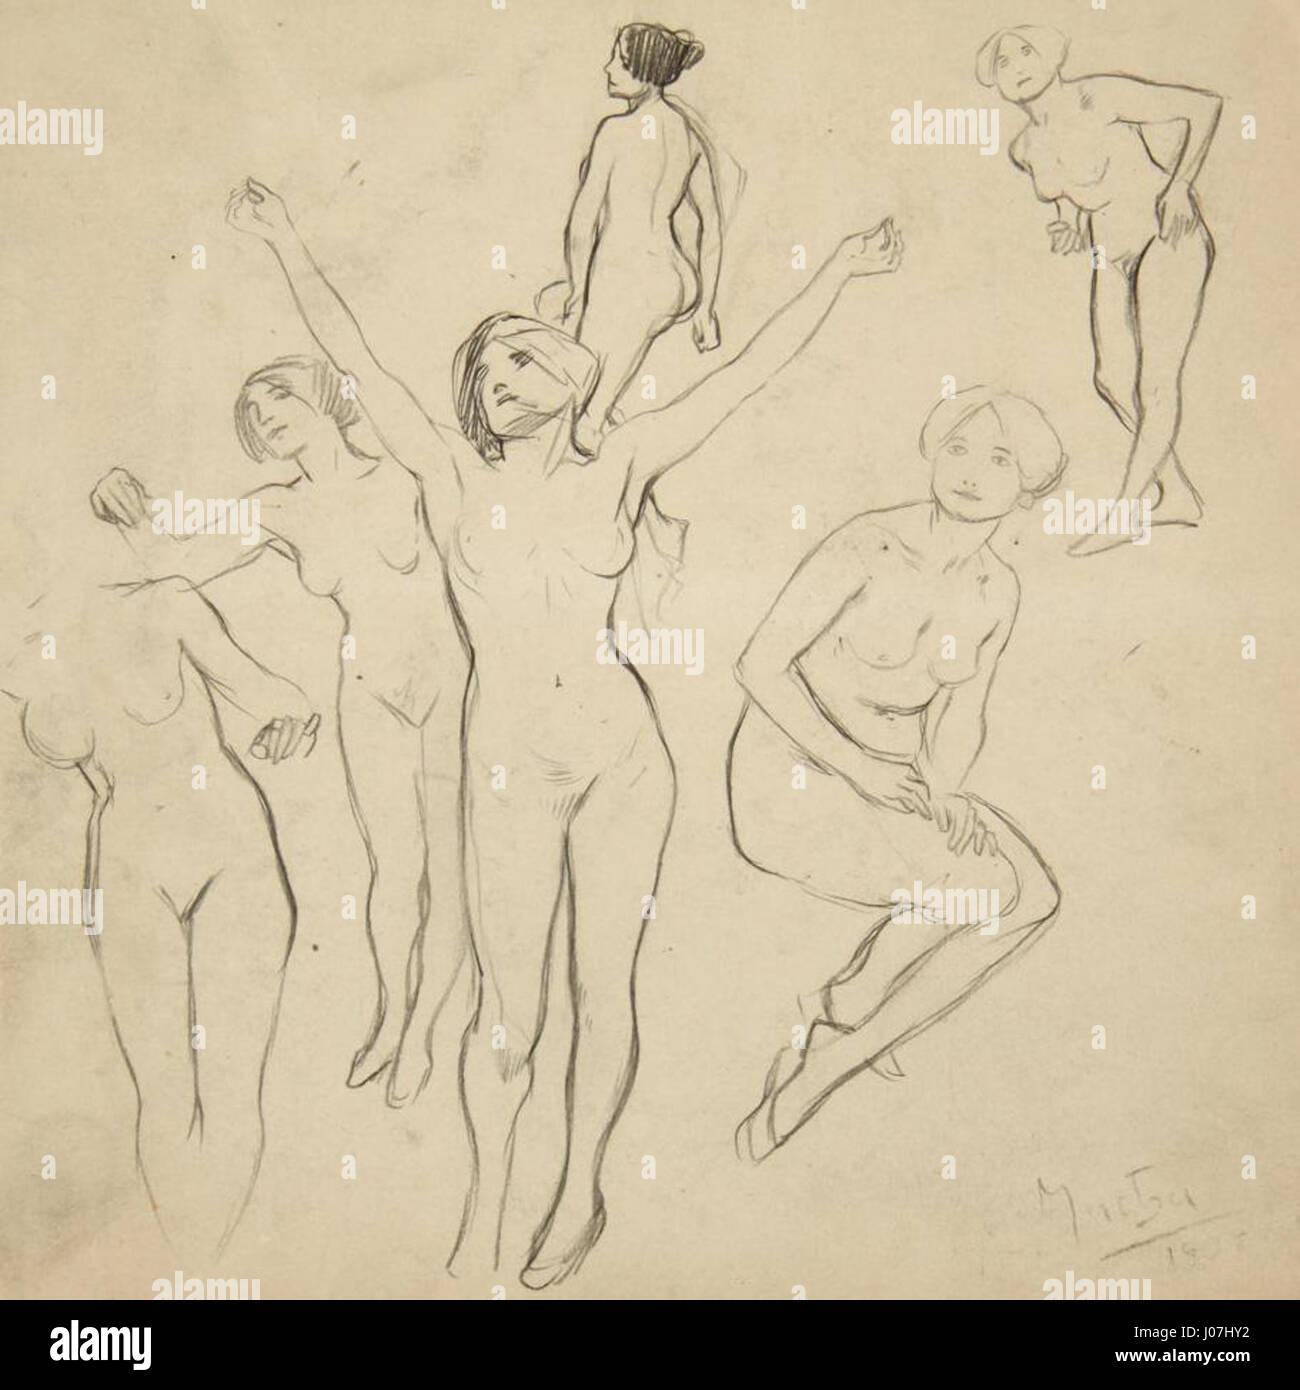 Alfons Mucha Studie von Mädchenakten - Stock Image